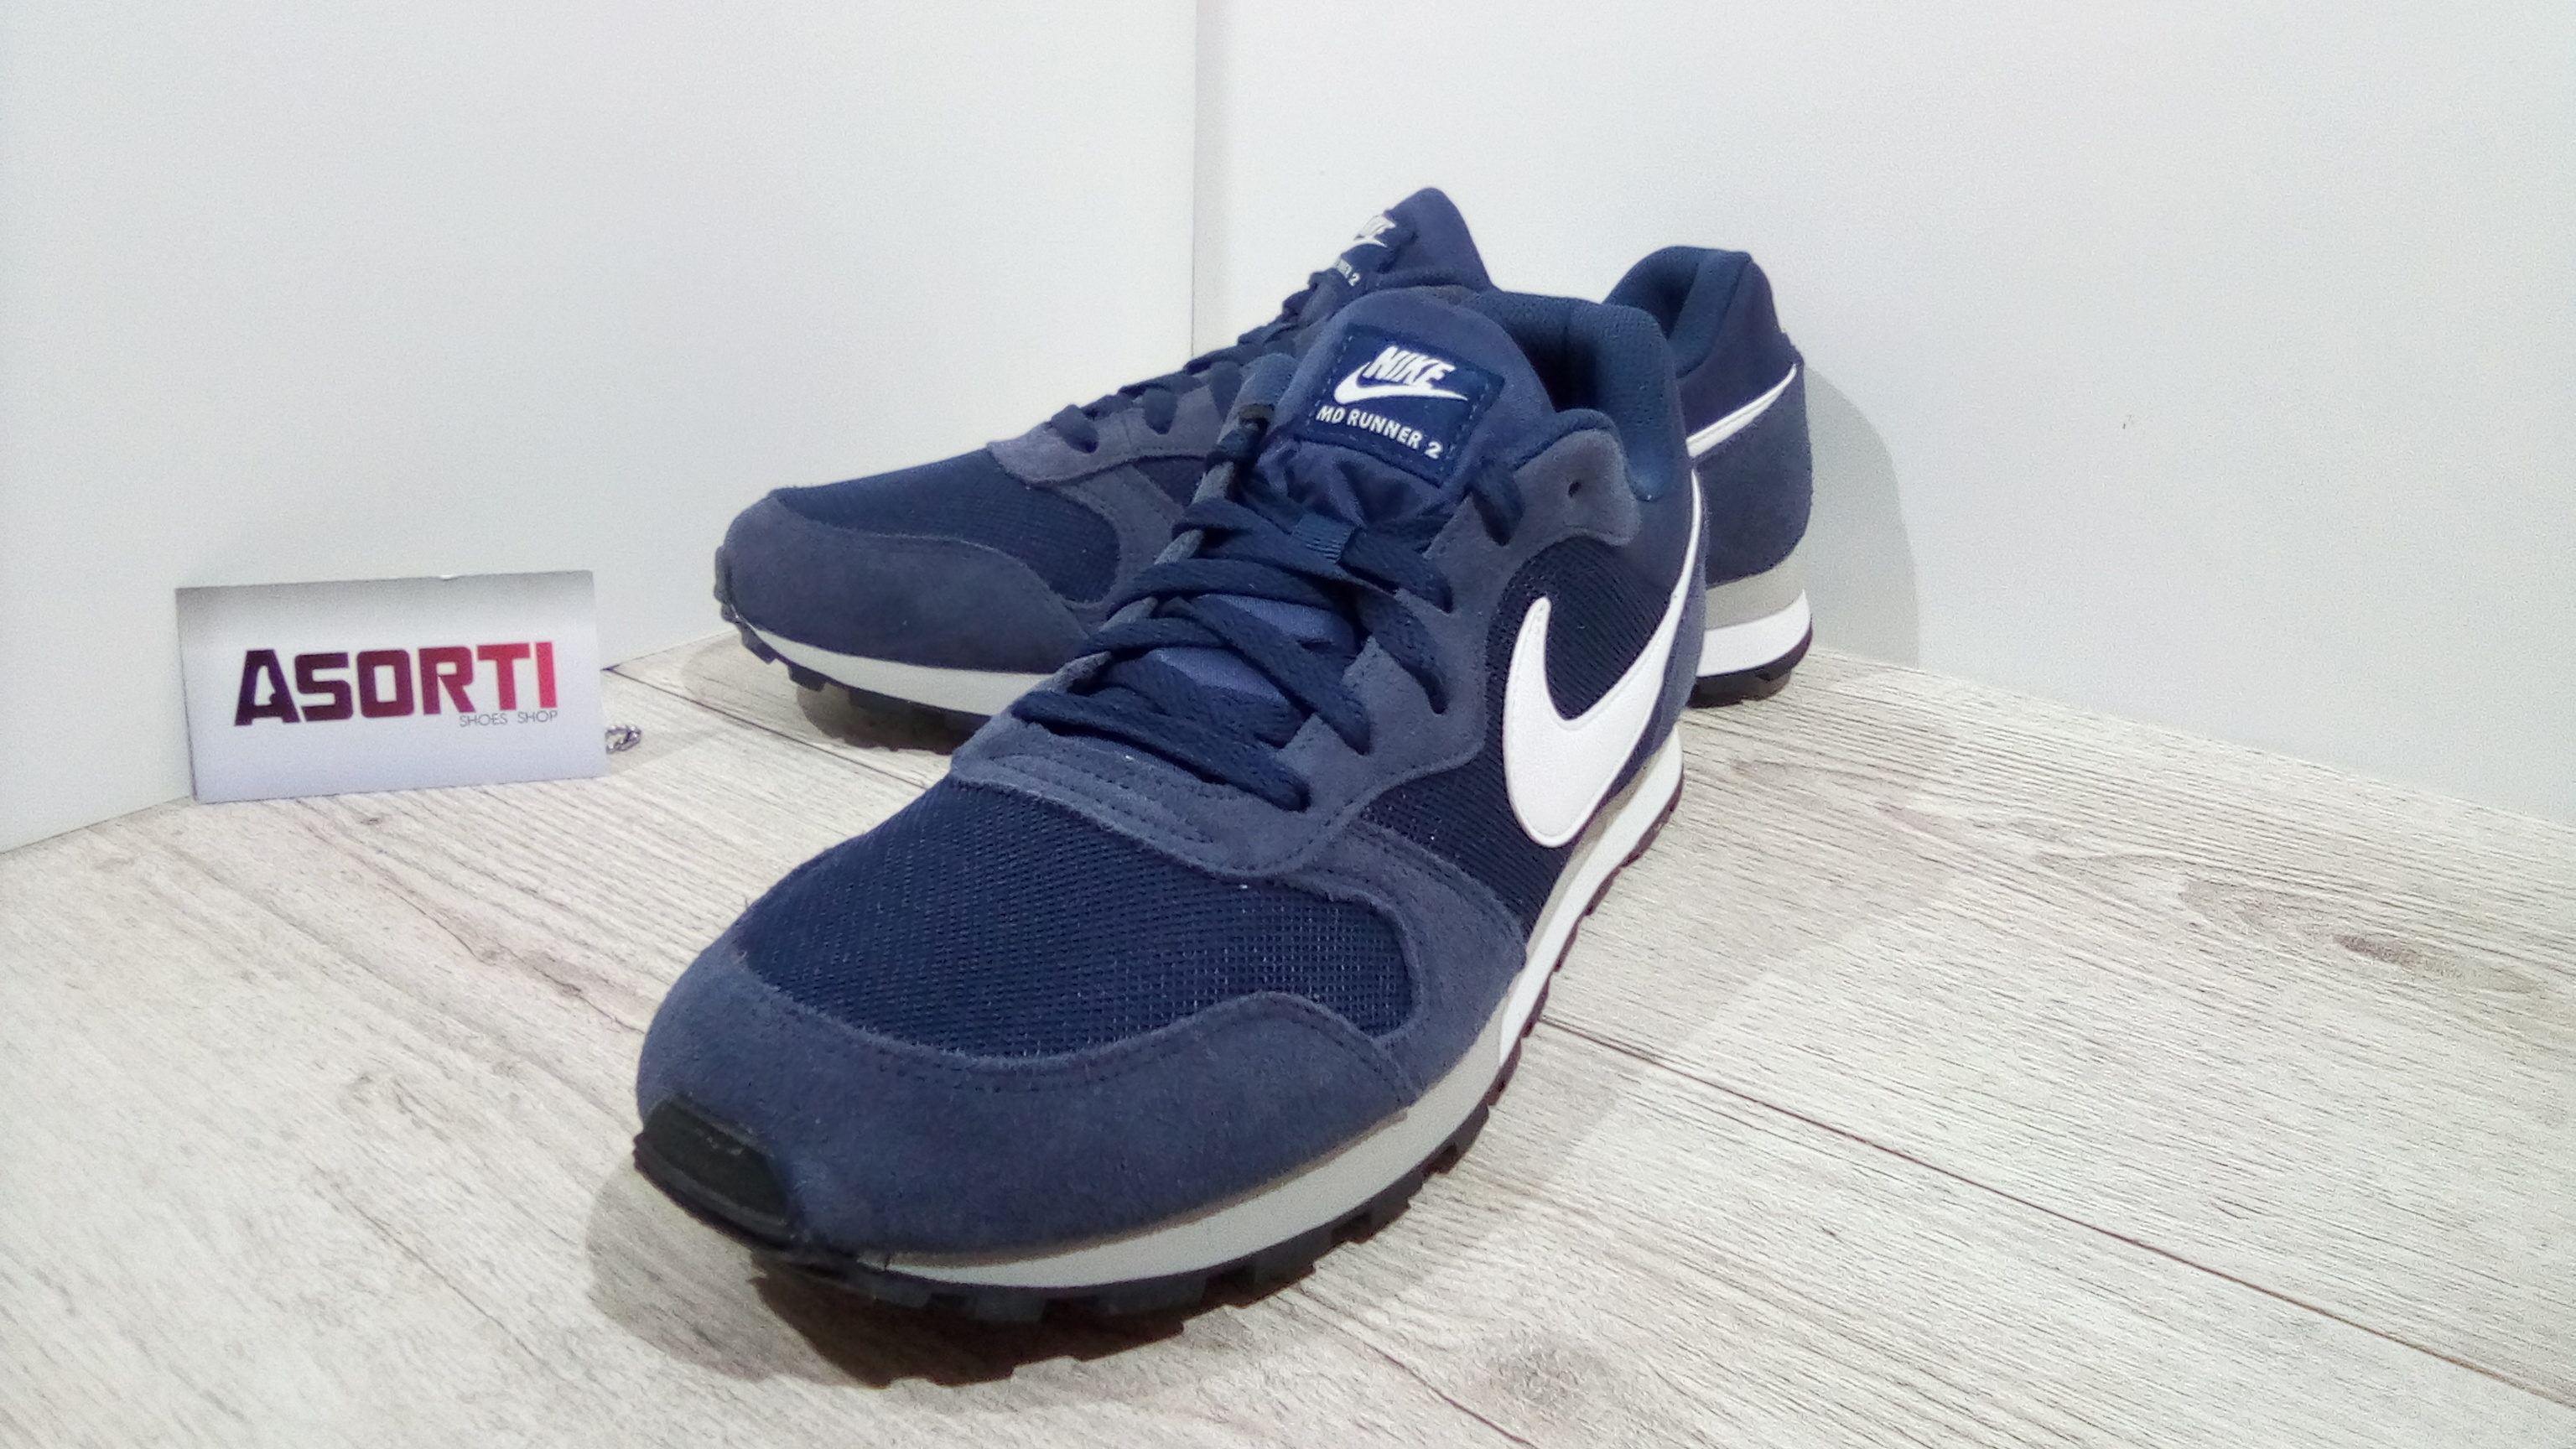 6d740144 Чоловічі бігові кросівки Nike MD Runner 2 (749794-410) темно-сині ...